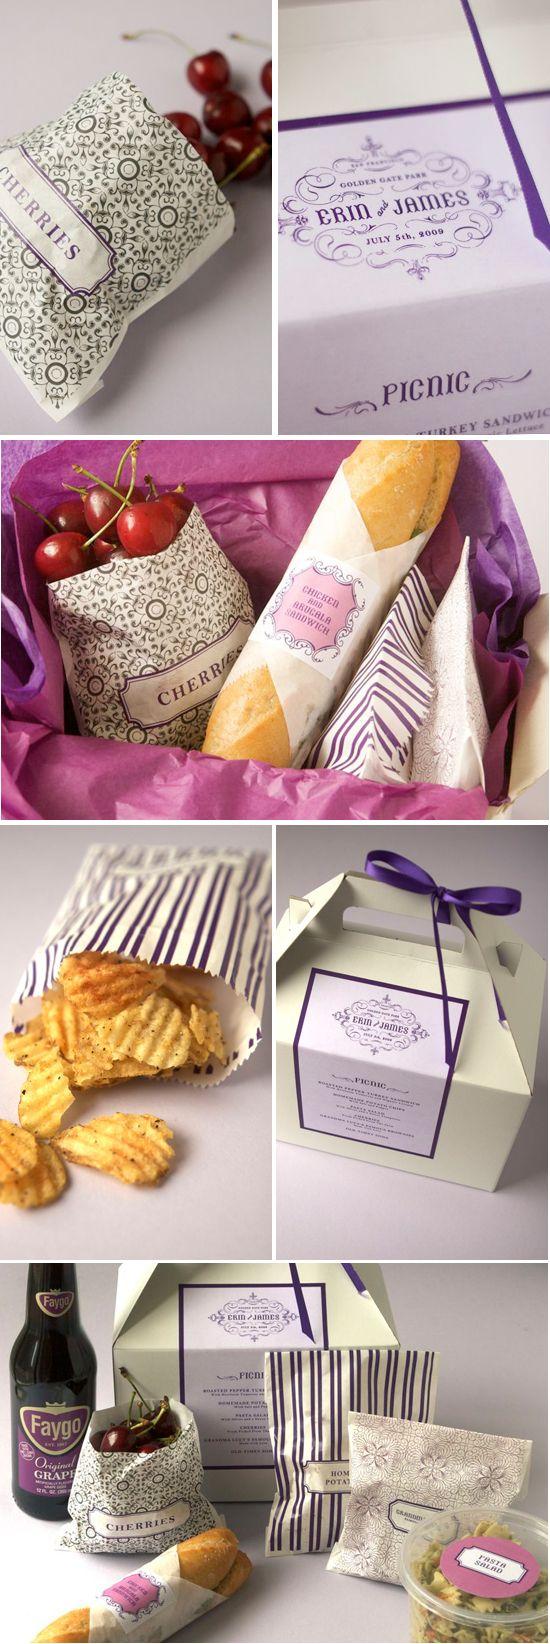 Pretty pretty picnic wrappings.